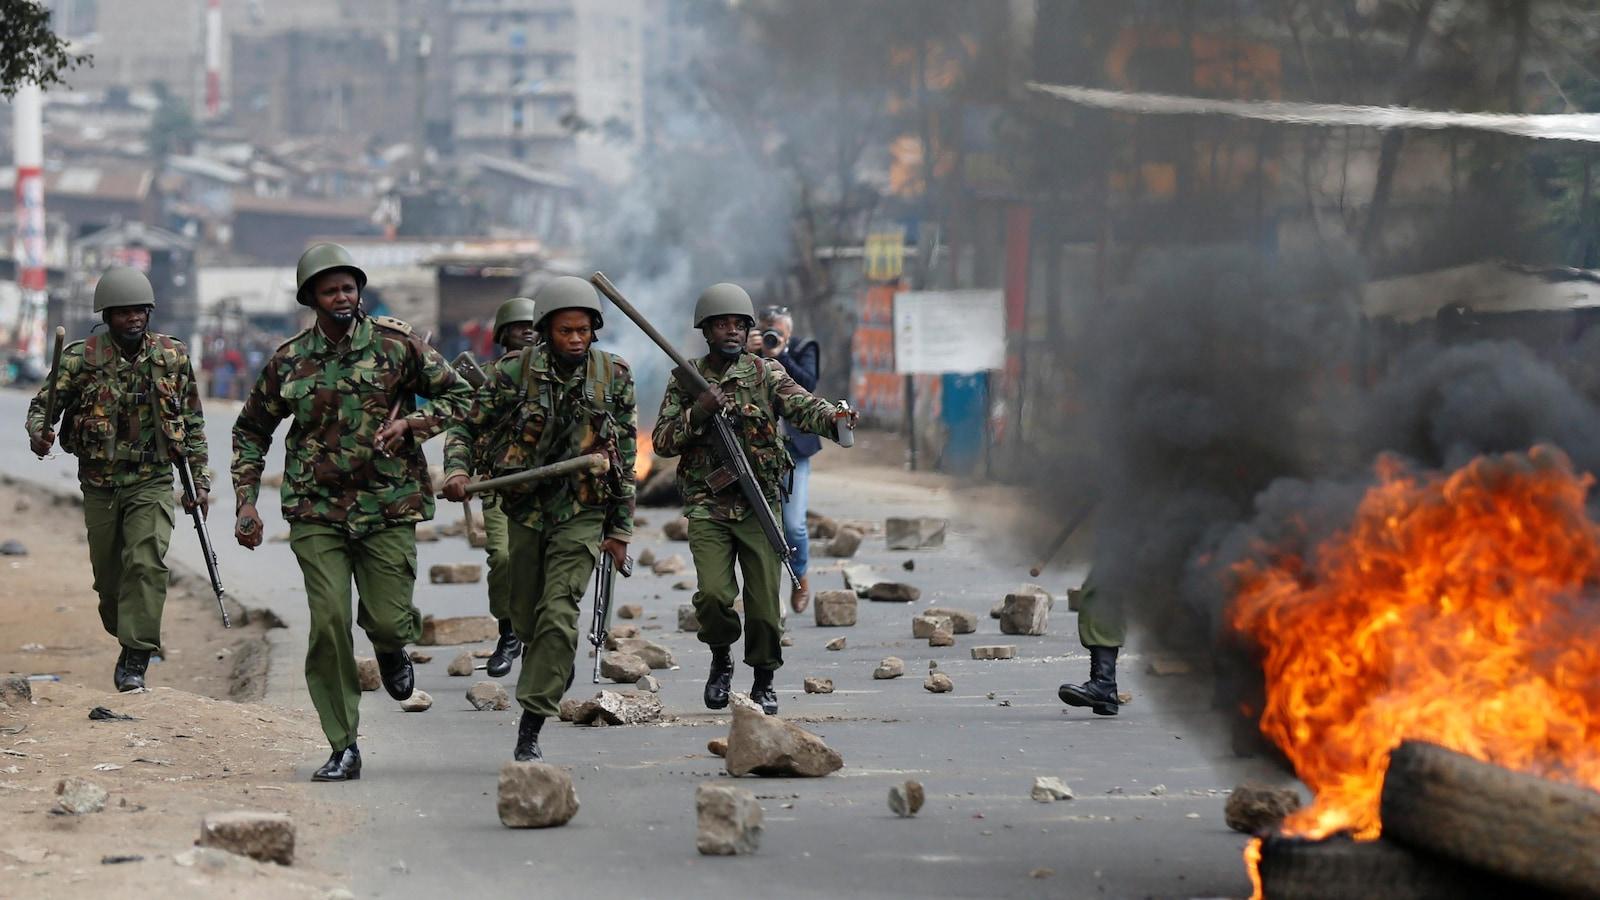 Des policiers antiémeutes se sont déployés dans les rues de Mathare après que des partisans de M. Odinga eurent entrepris de manifester.